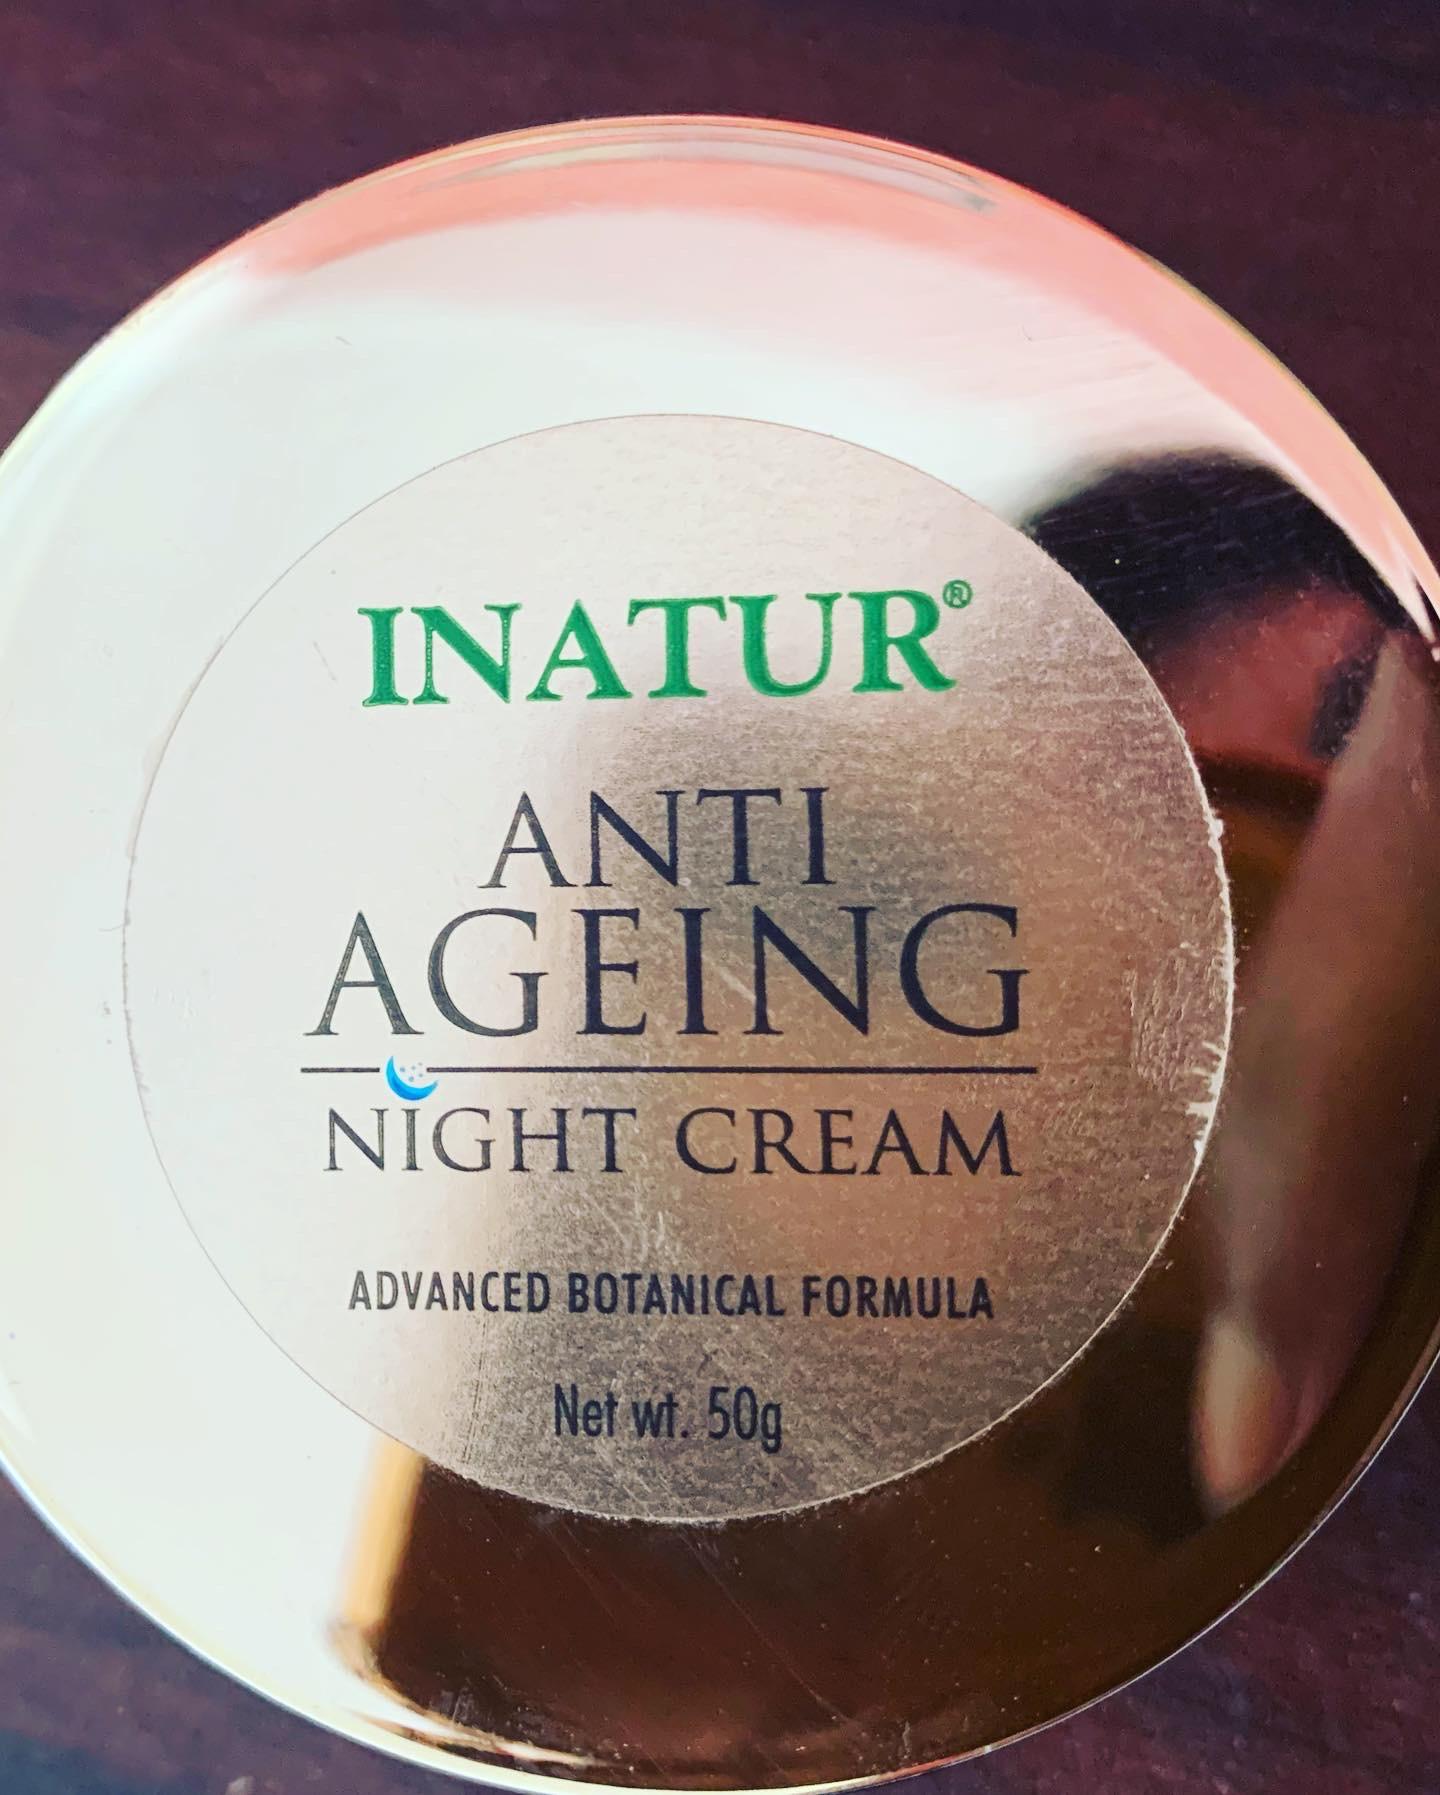 Inatur Anti-Ageing Night Cream pic 2-Nature night cream-By shivanika_dhami